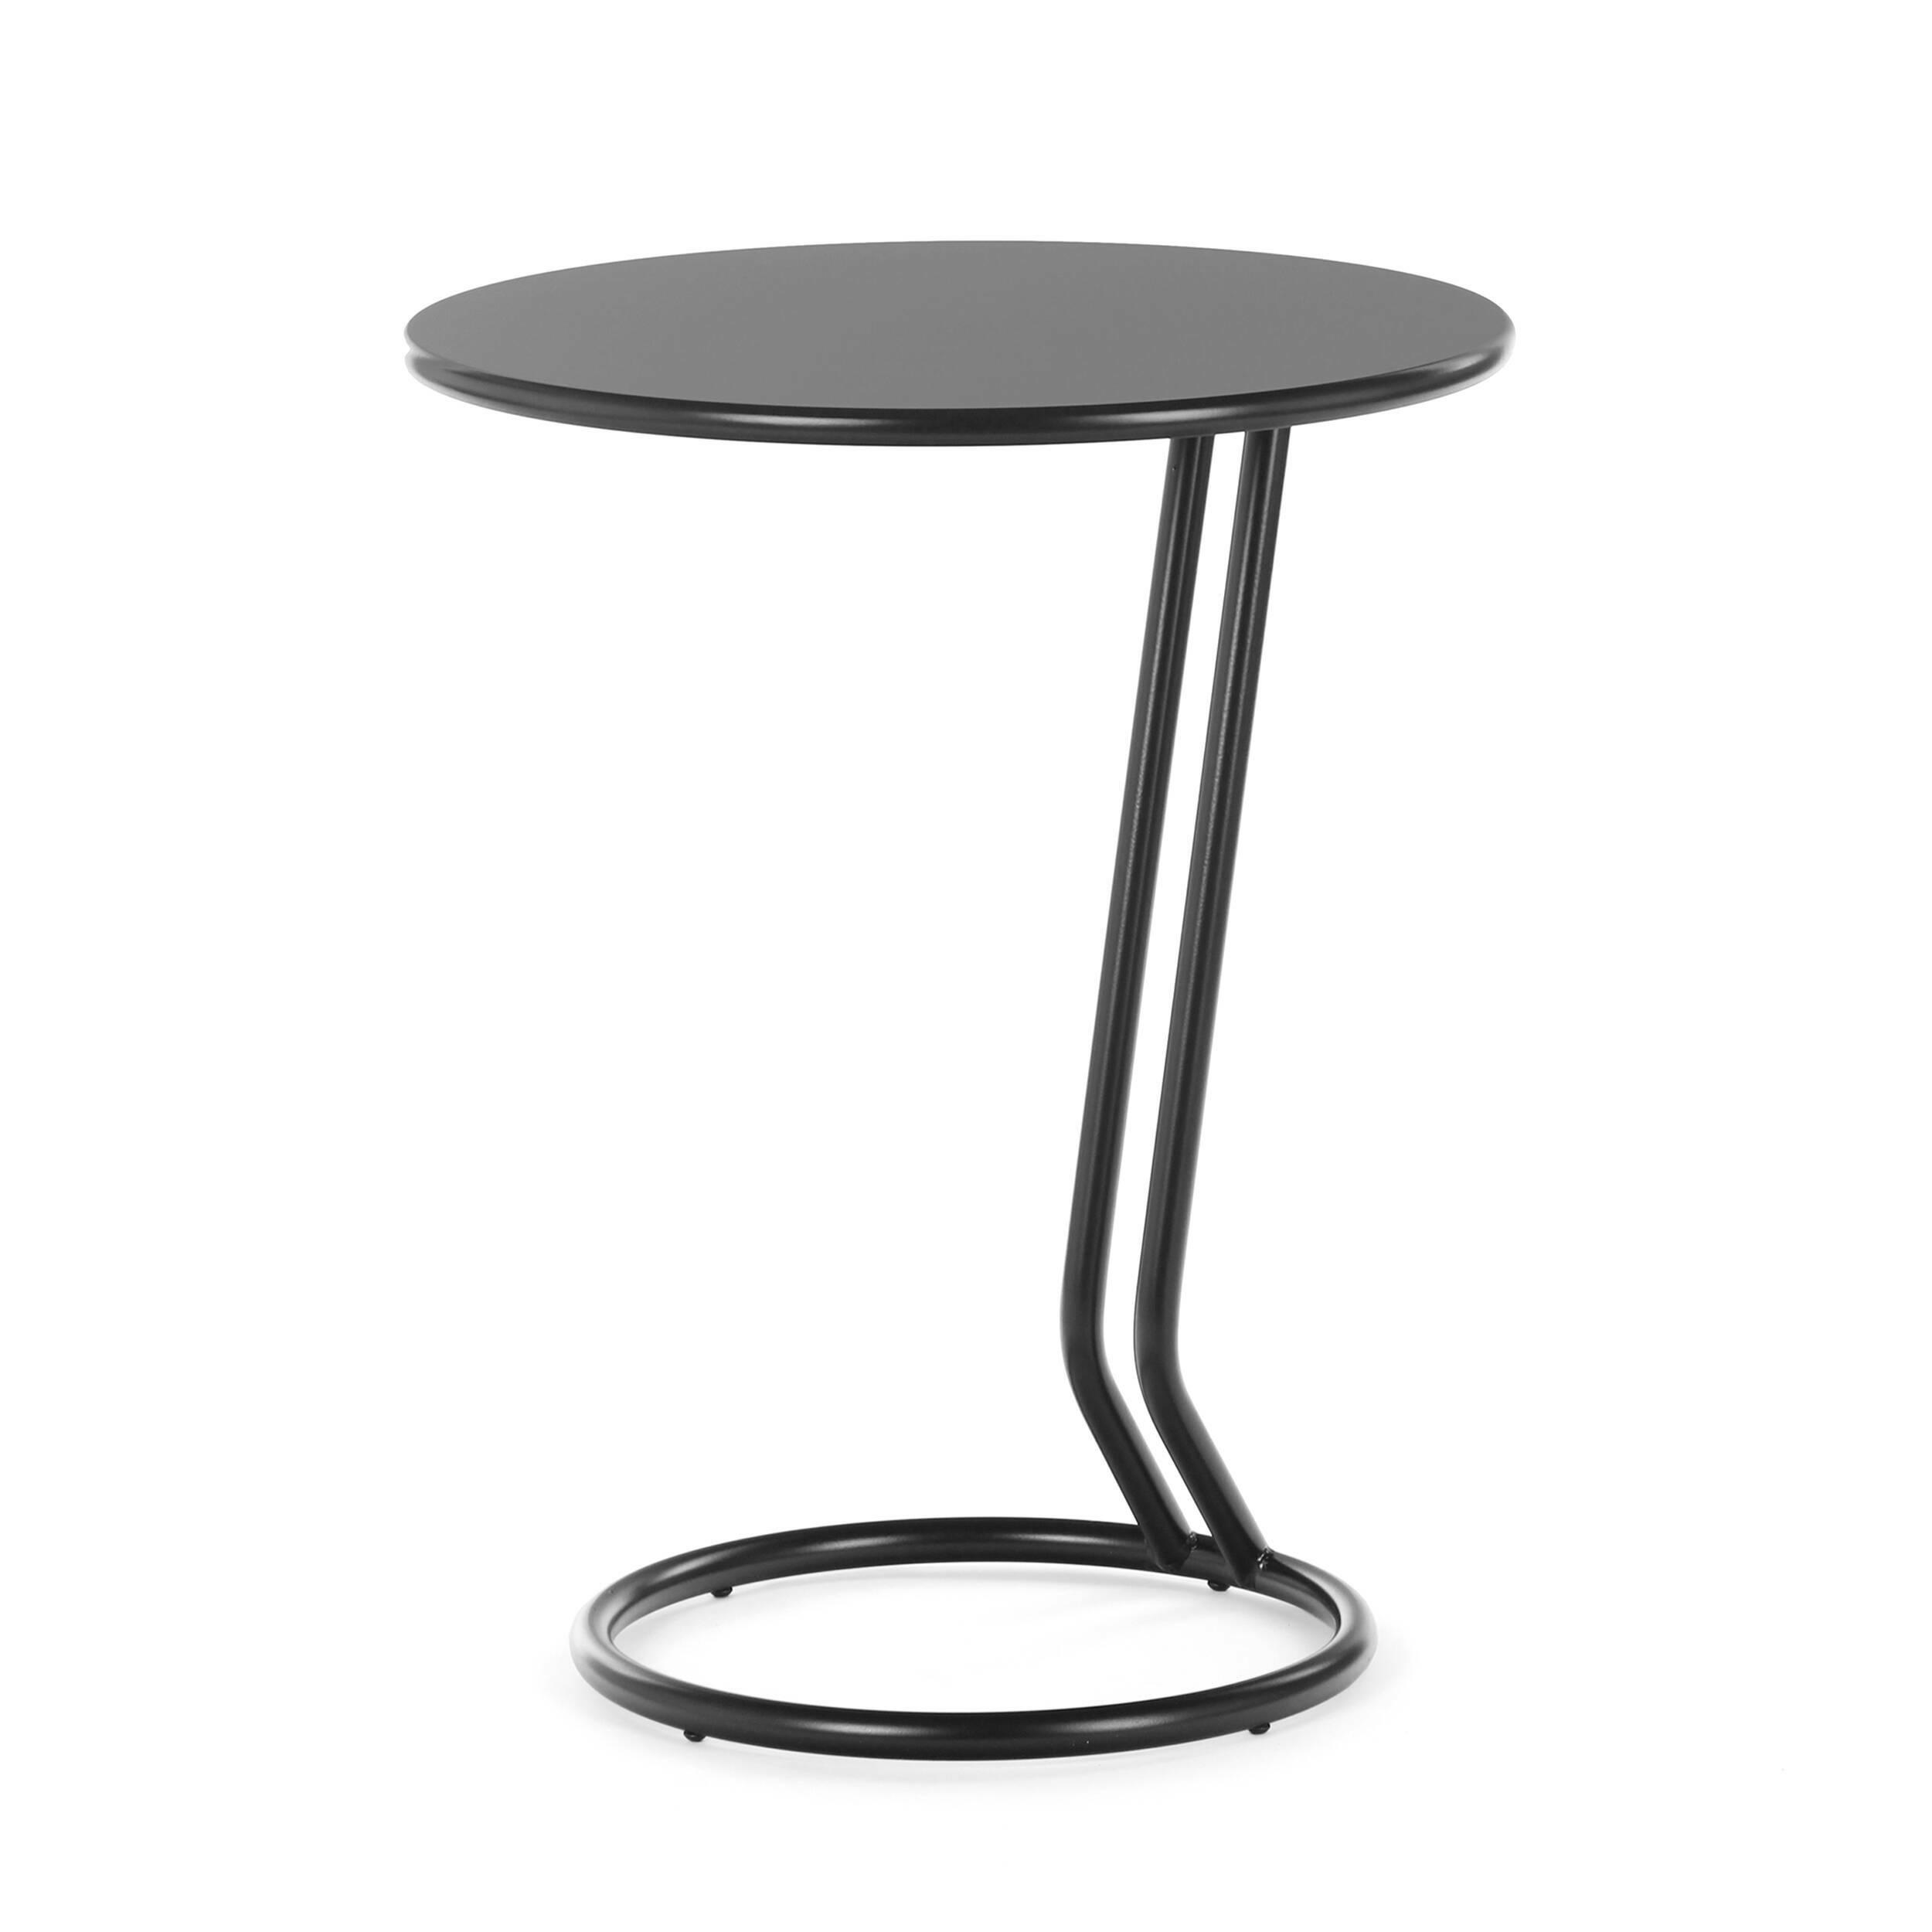 Кофейный стол BoggieКофейные столики<br>Дизайнерский кофейный стол Boggie может стать отличным украшением и дополнением к интерьеру в стиле минимализм, лофт, хай-тек и многих других. Этот столик отличается спокойным и в то же время оригинальным дизайном, который не перетягивает на себя акценты помещения, но привносит в него особый характер и стиль.<br><br><br> Вся конструкция данного изделия изготовлена из прочного высококачественного материала, благодаря чему столик прослужит вам долгие годы. Столик смотрится очень легко и ненавязч...<br><br>stock: 0<br>Высота: 56<br>Диаметр: 45<br>Тип материала каркаса: Металл<br>Цвет каркаса: Черный